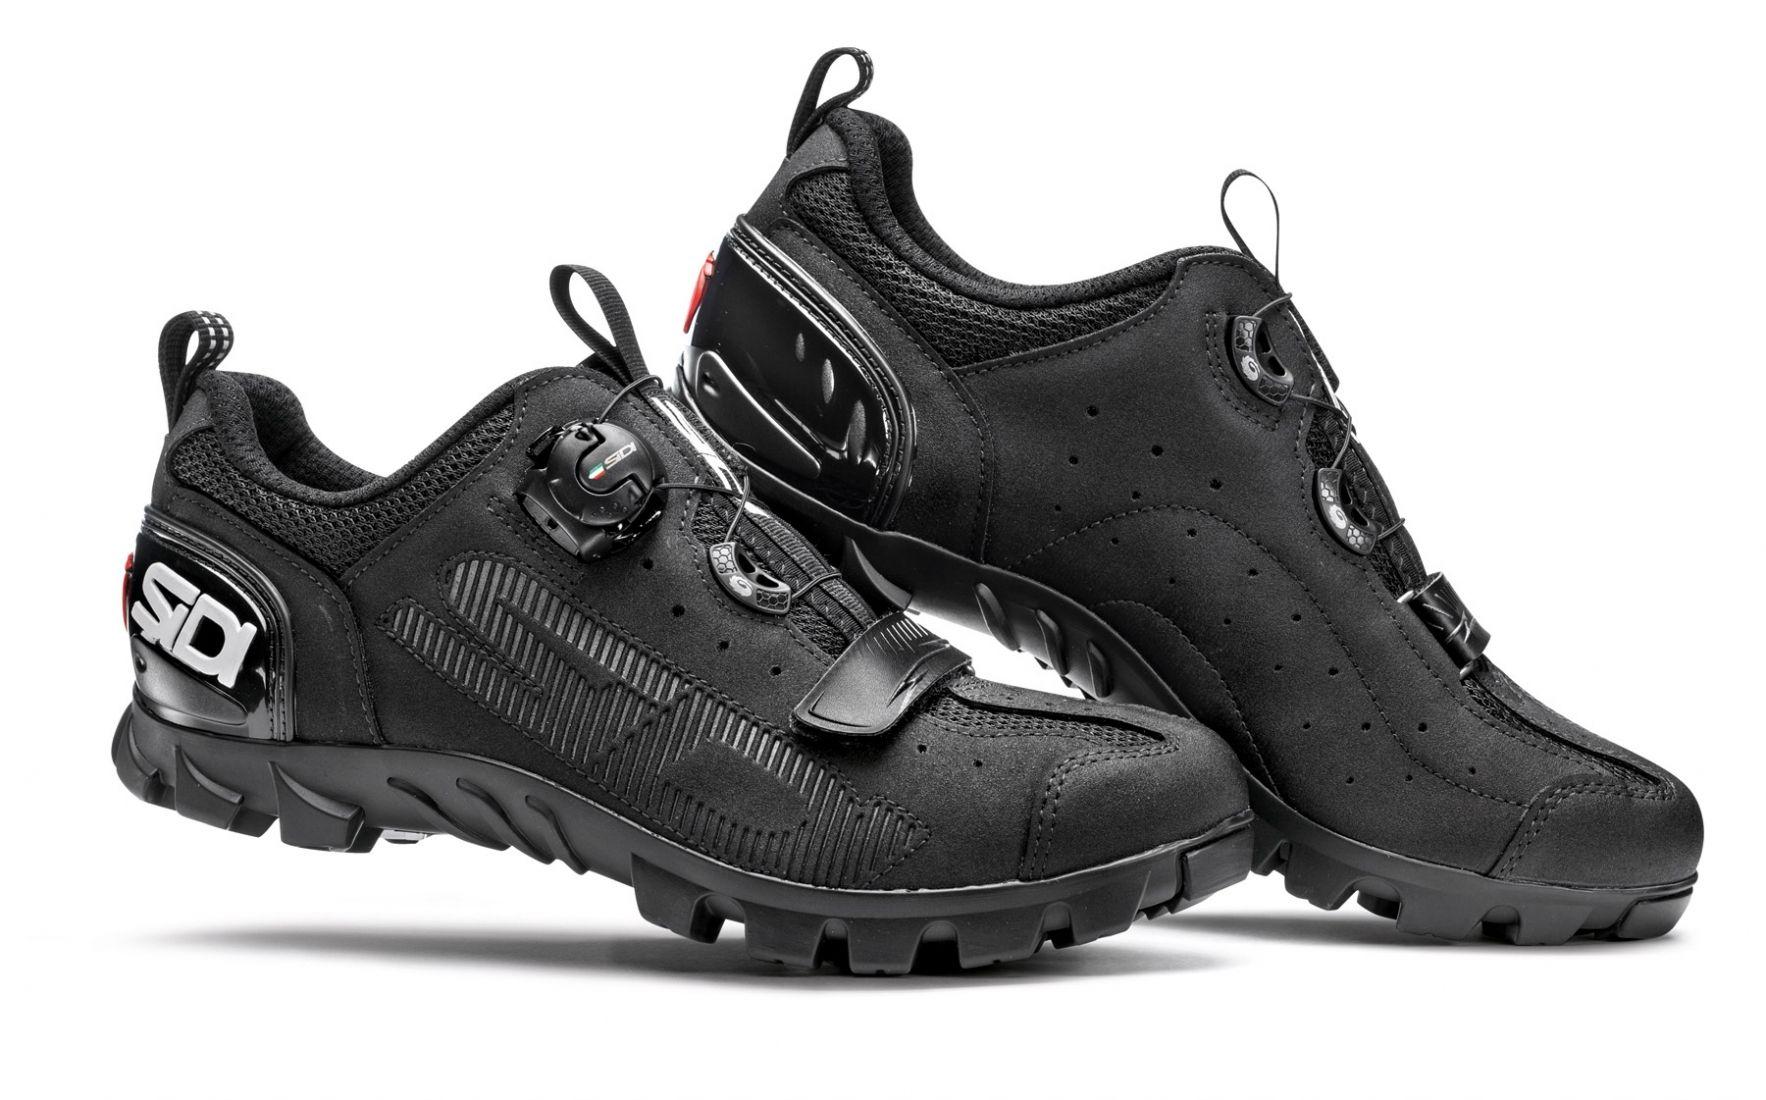 Chaussures Sidi MTB SD15 Noir mat - 43